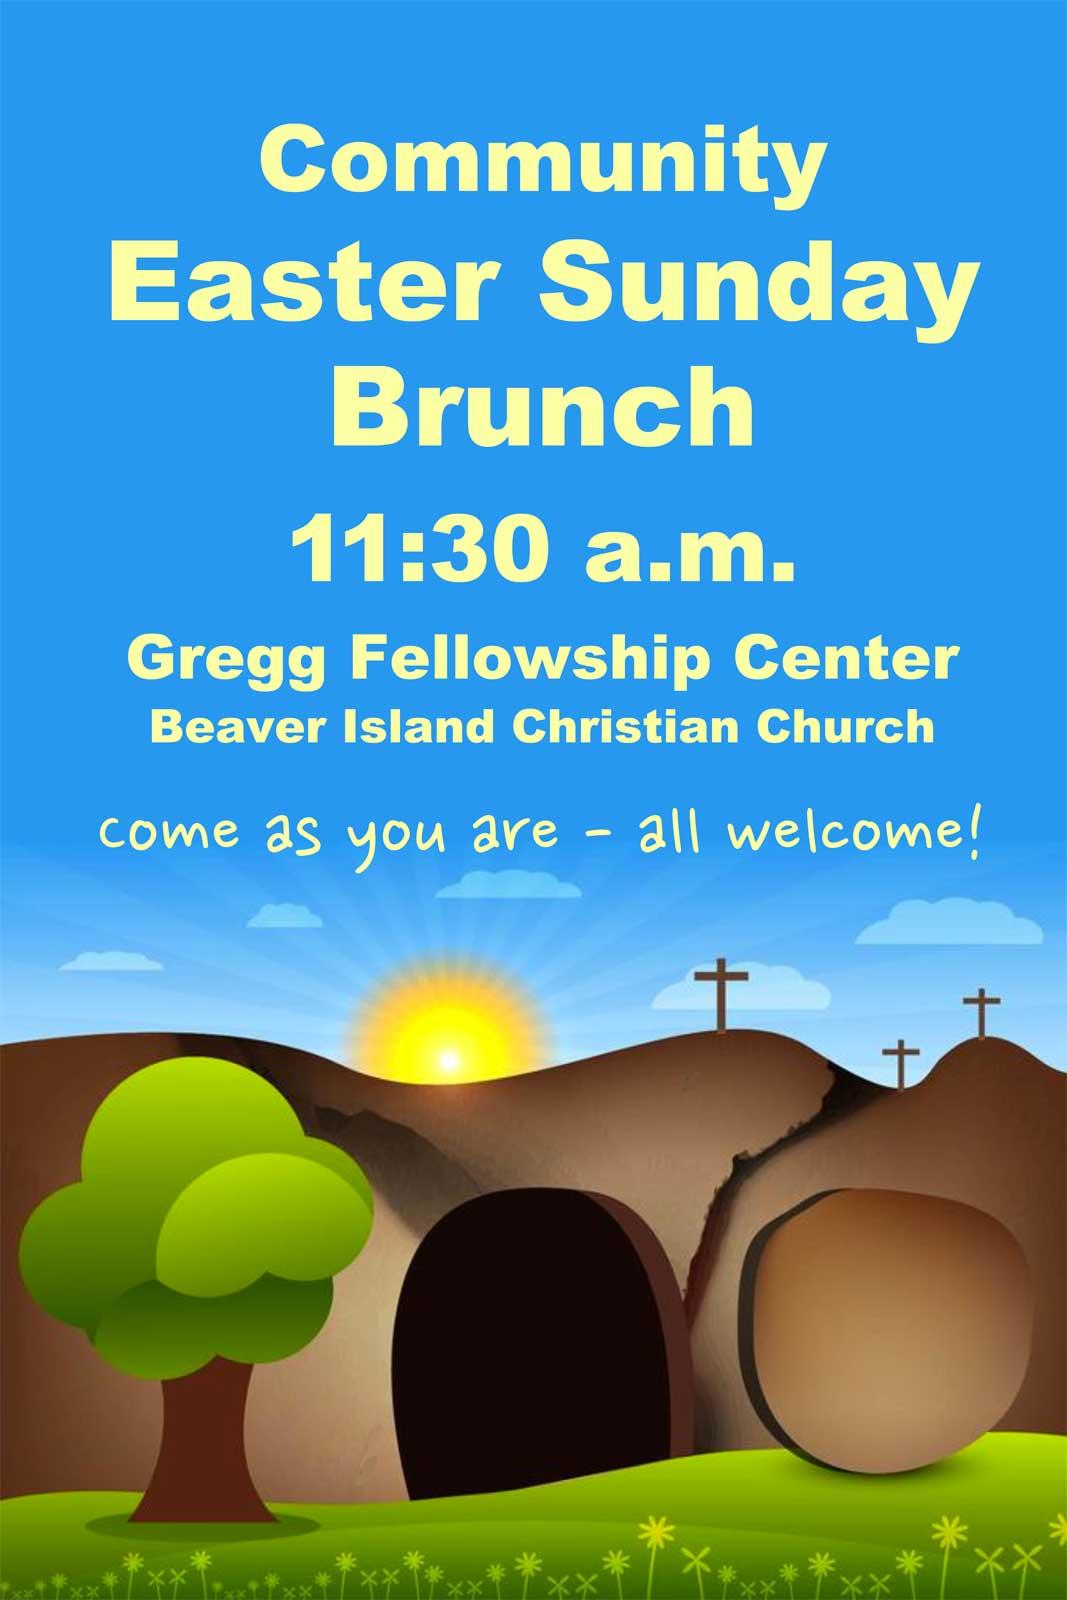 Easter Brunch @ Gregg Fellowship Center